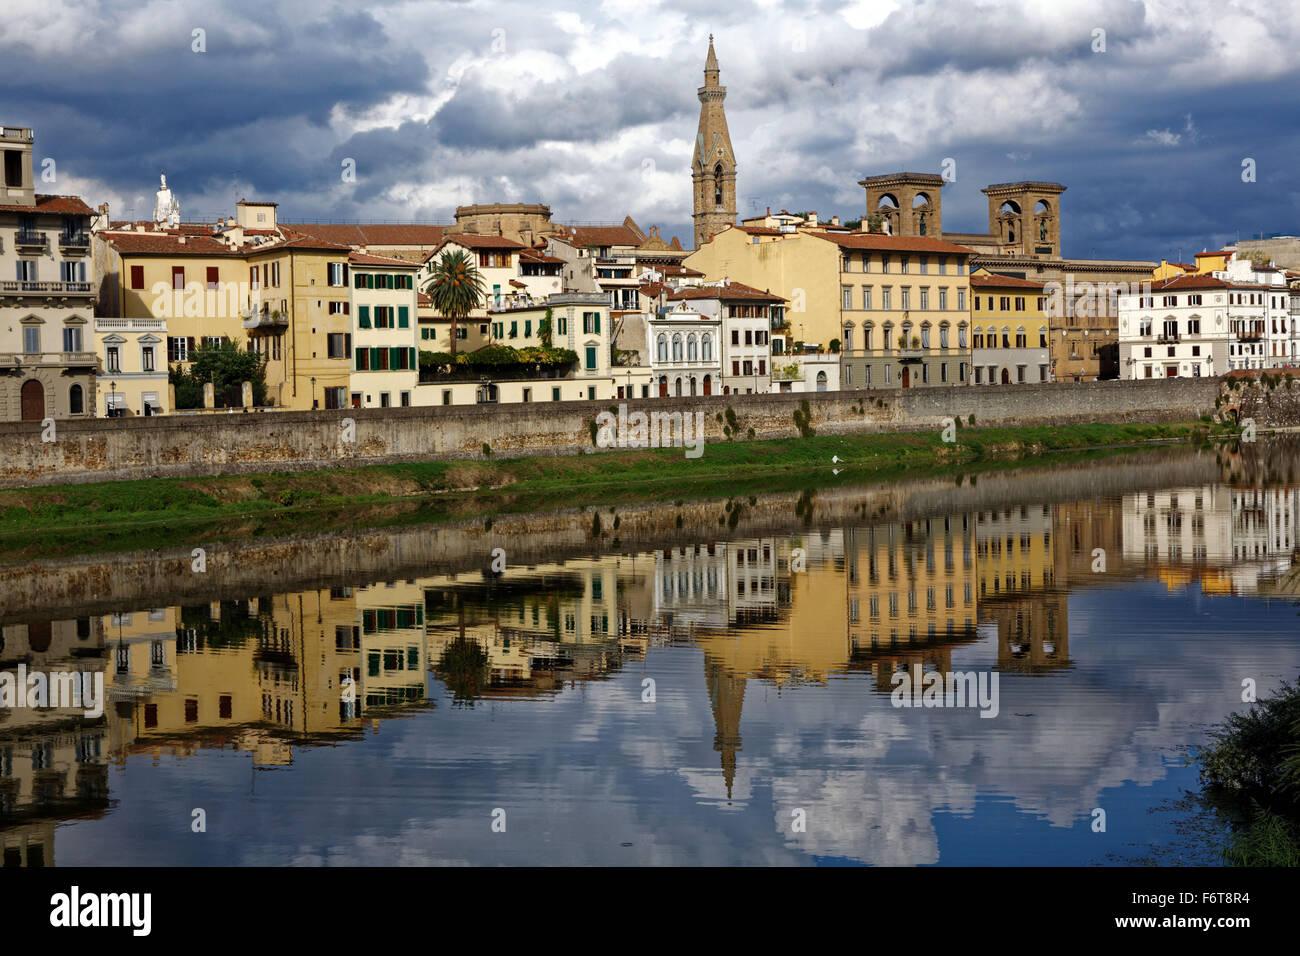 Les bâtiments reflètent dans l'Arno, Florence, Italie Photo Stock